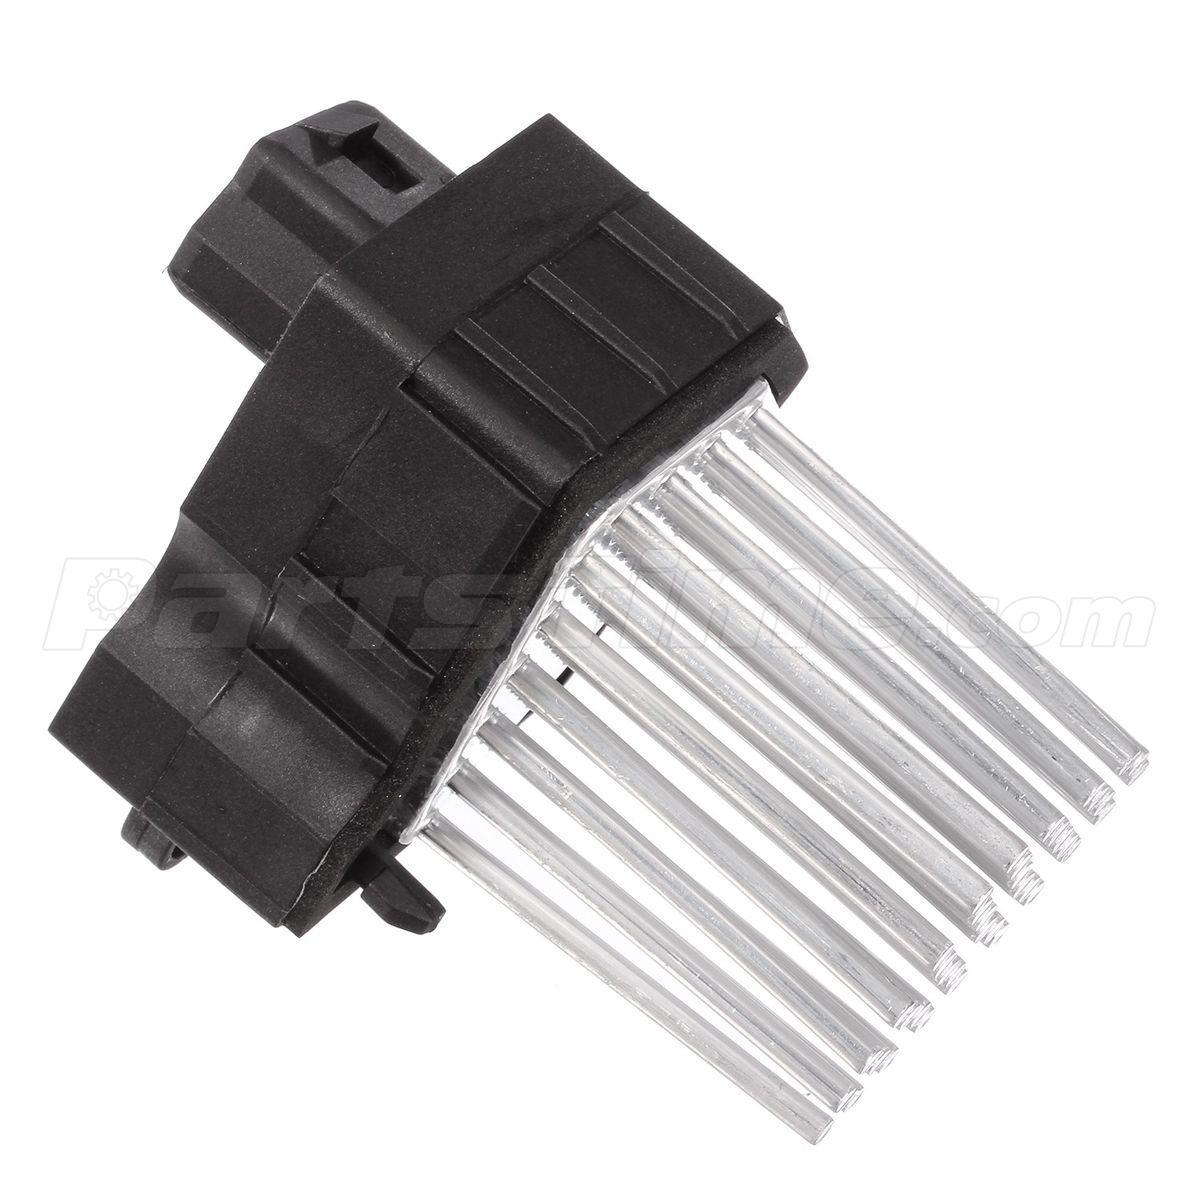 Blower Motor Regulator Resistor For Bmw E46 E39 X5 X3